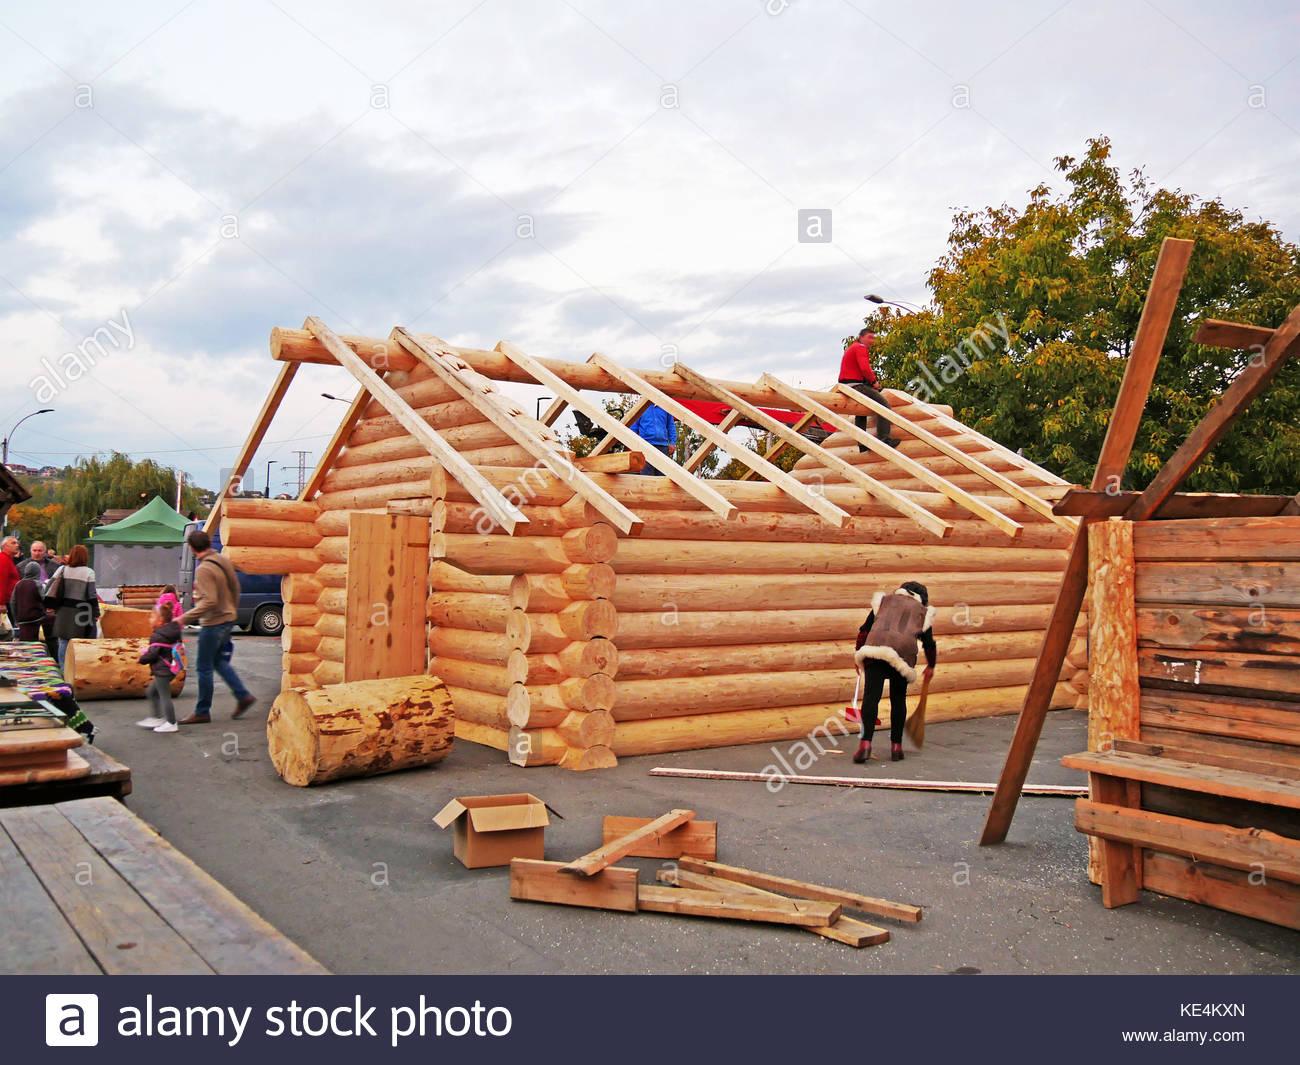 Kabine Gebäude in progress anmelden. Tischler montieren Holz Rahmen ...